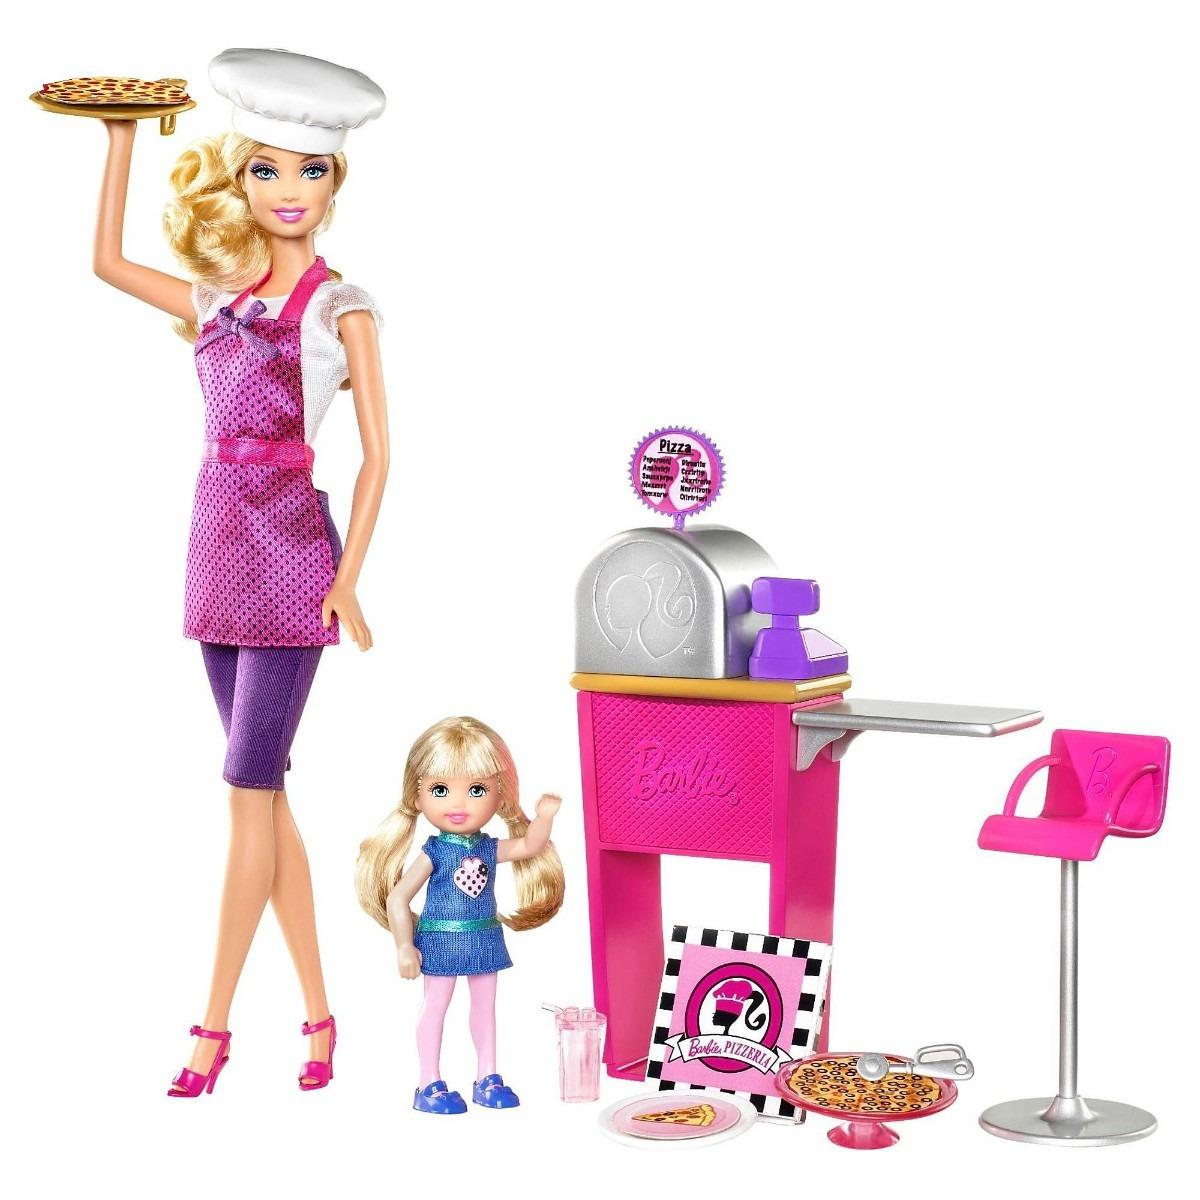 Barbie Carreras Set Pizza Chef Muneca Bebe Cocina U S 30 00 En